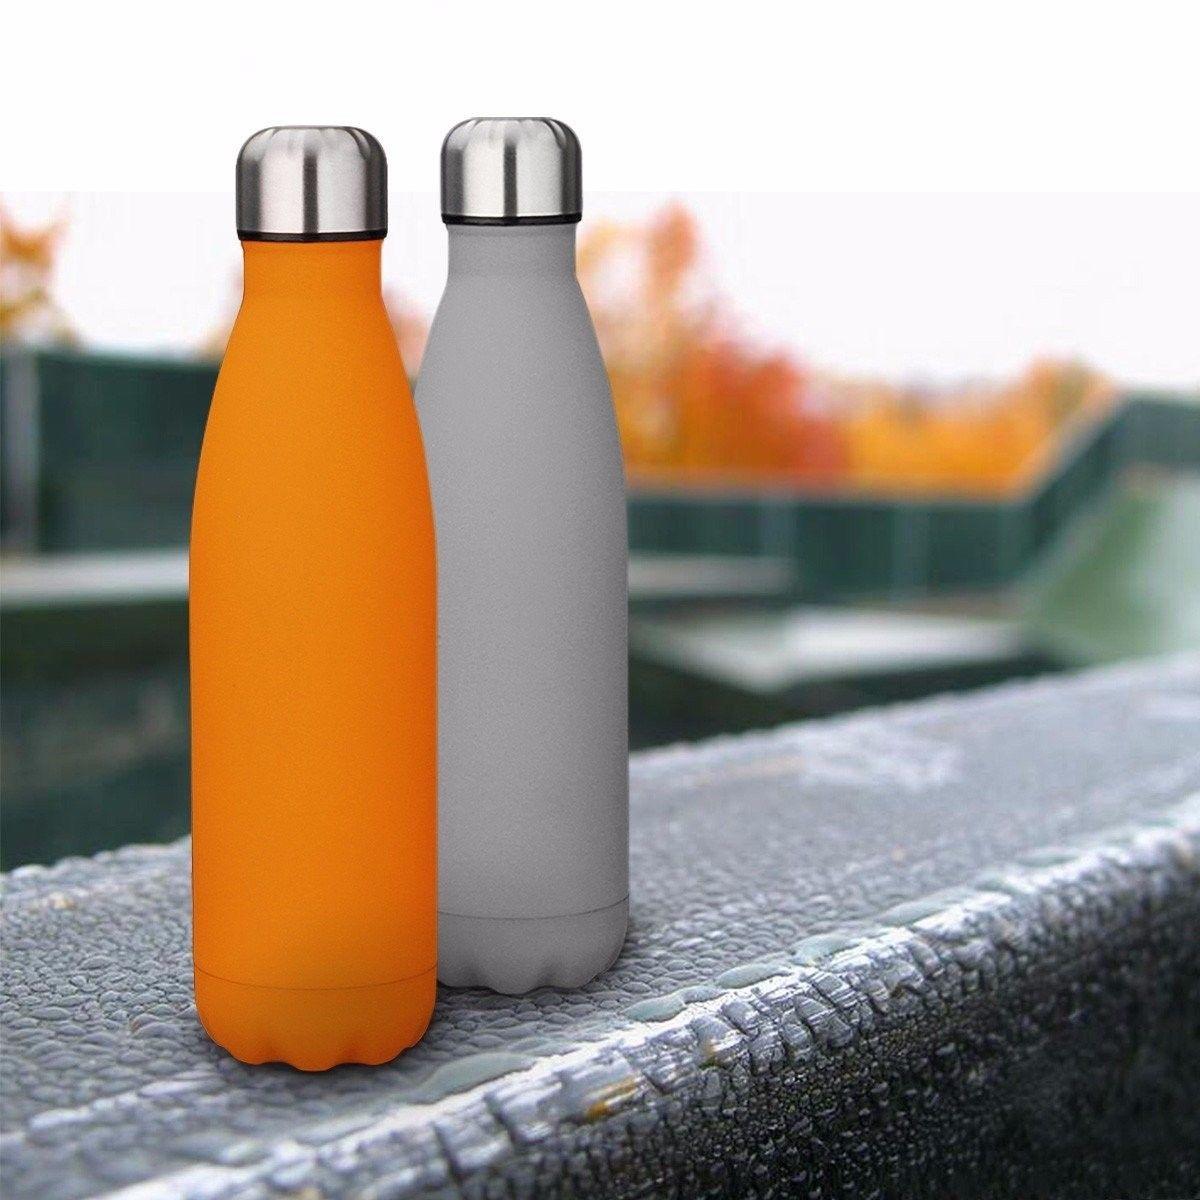 Acheter des bouteilles réutilisables